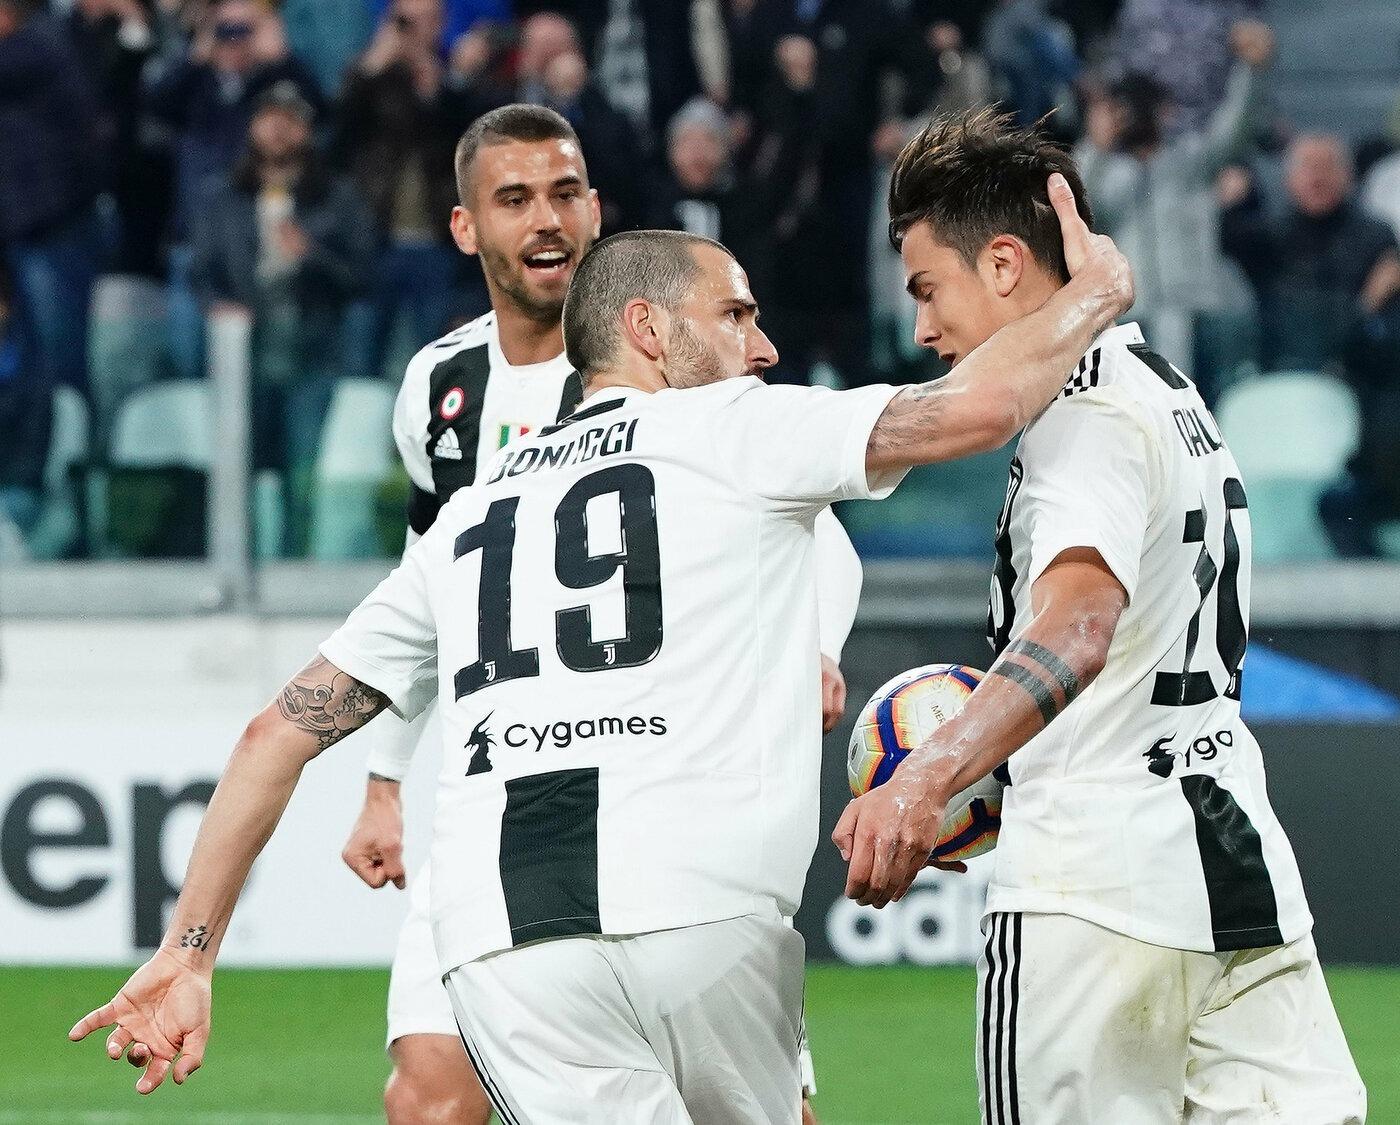 Ajax-Juventus 10 aprile: si gioca l'andata dei quarti di finale della Champions League. Doppia sfida abbordabile per i bianconeri.